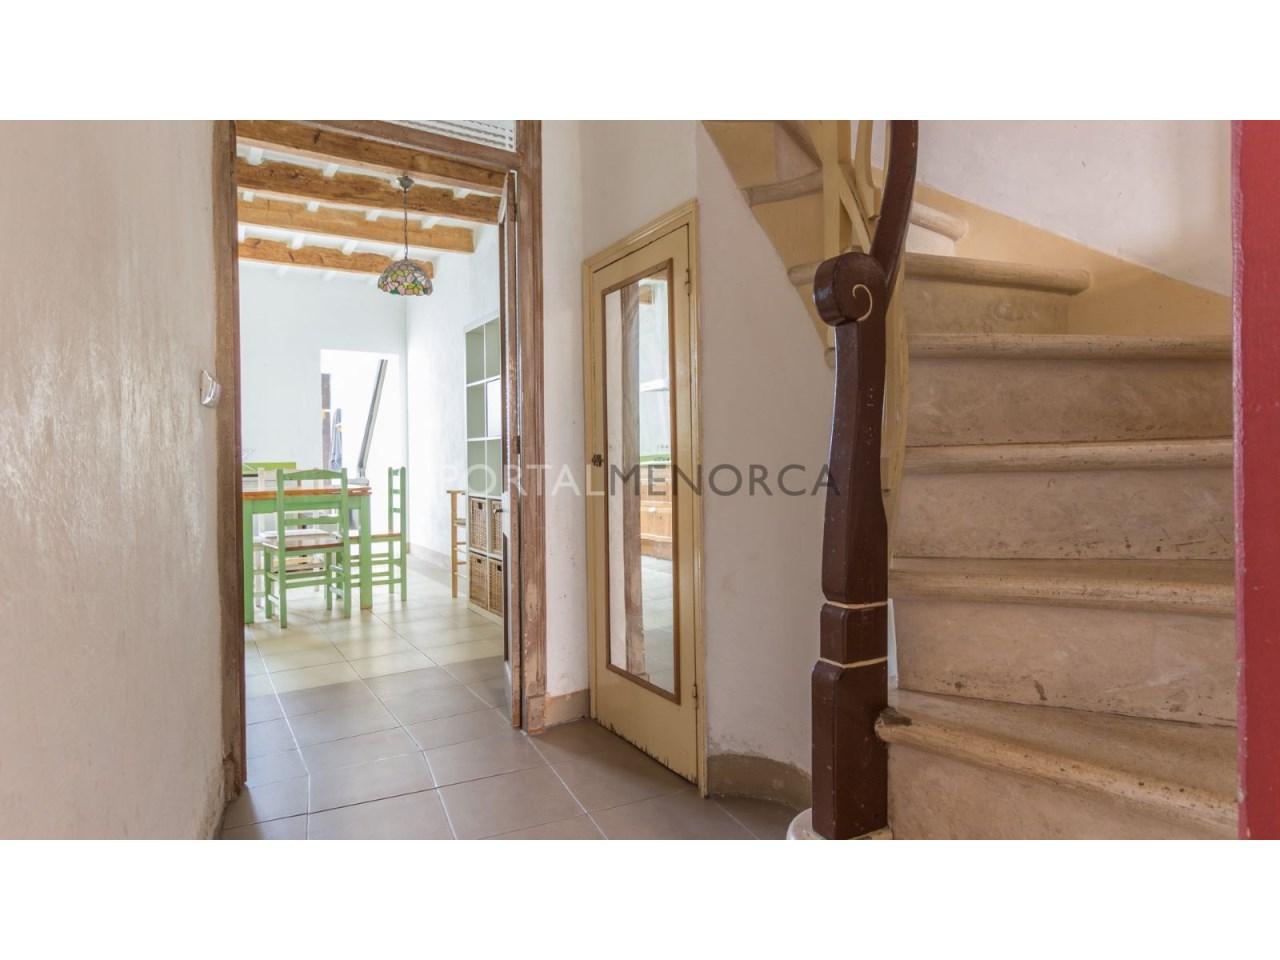 casa con patio en venta en Alaior (2 de 17)